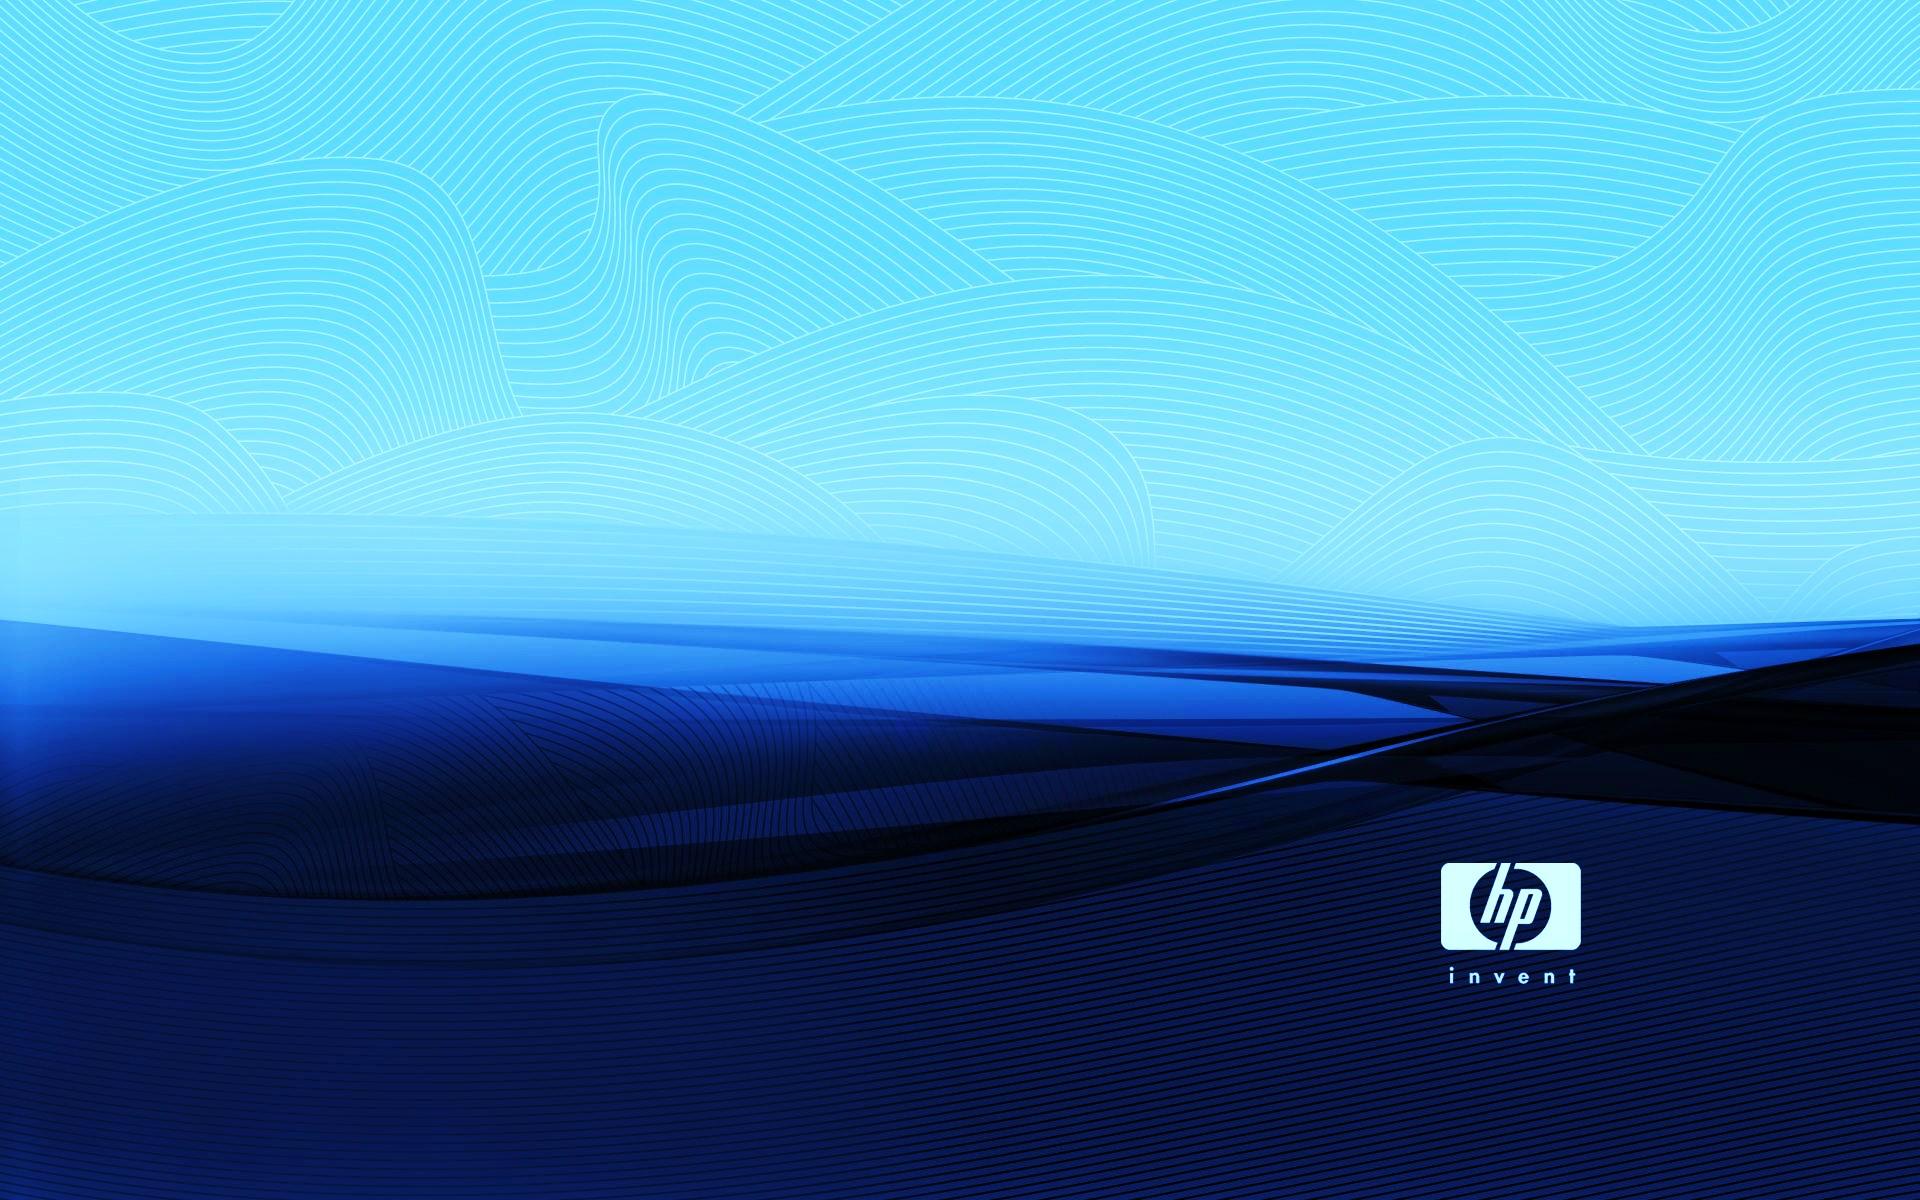 Hp notebook desktop - Wallpaper Hp Apk Data Full Mod